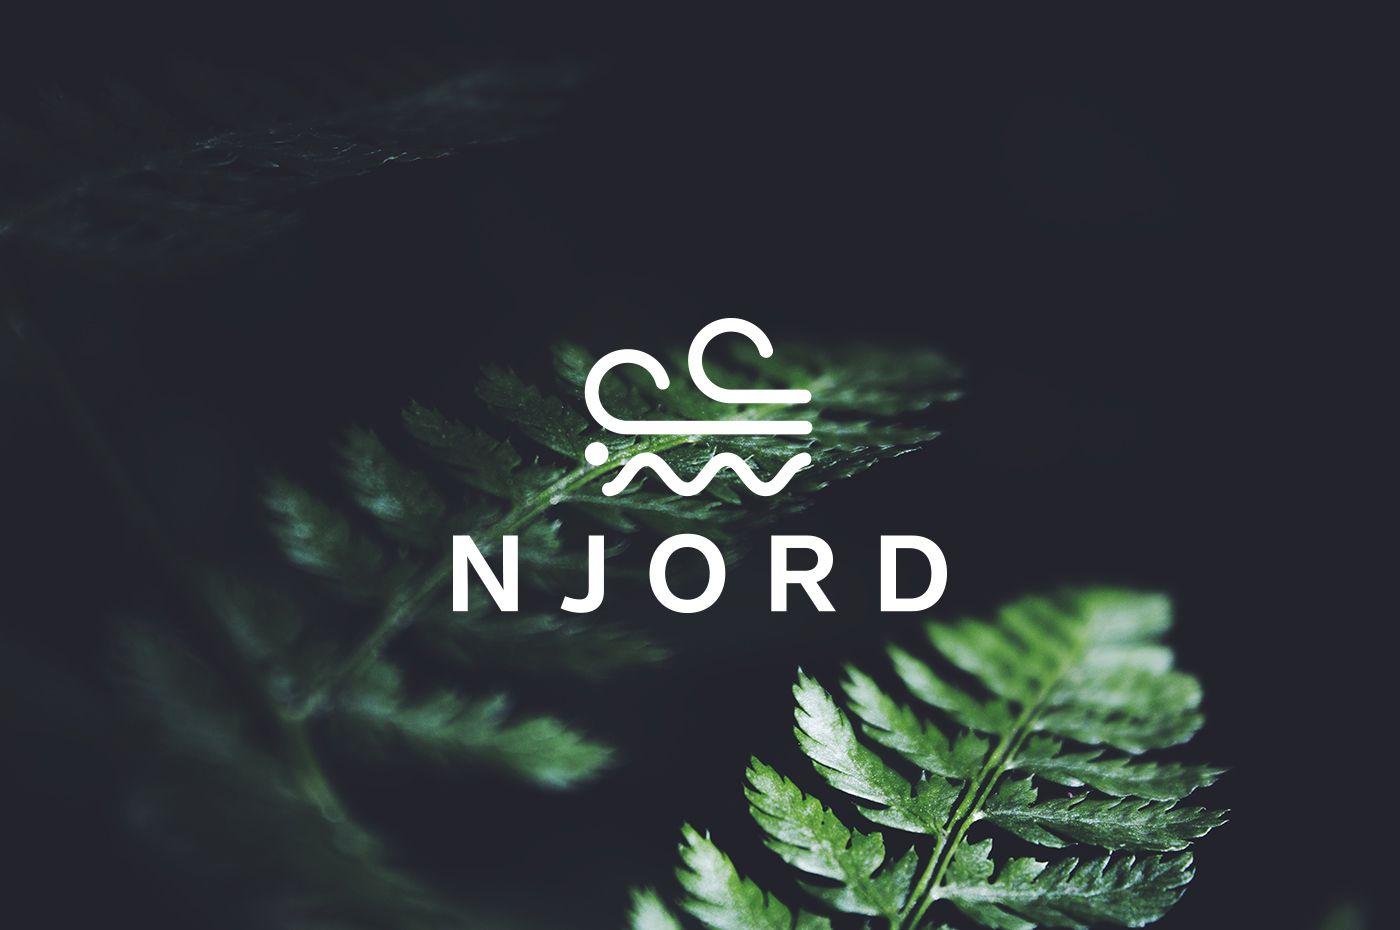 講究季節性的 NJORD 有機餐廳識別 | MyDesy 淘靈感